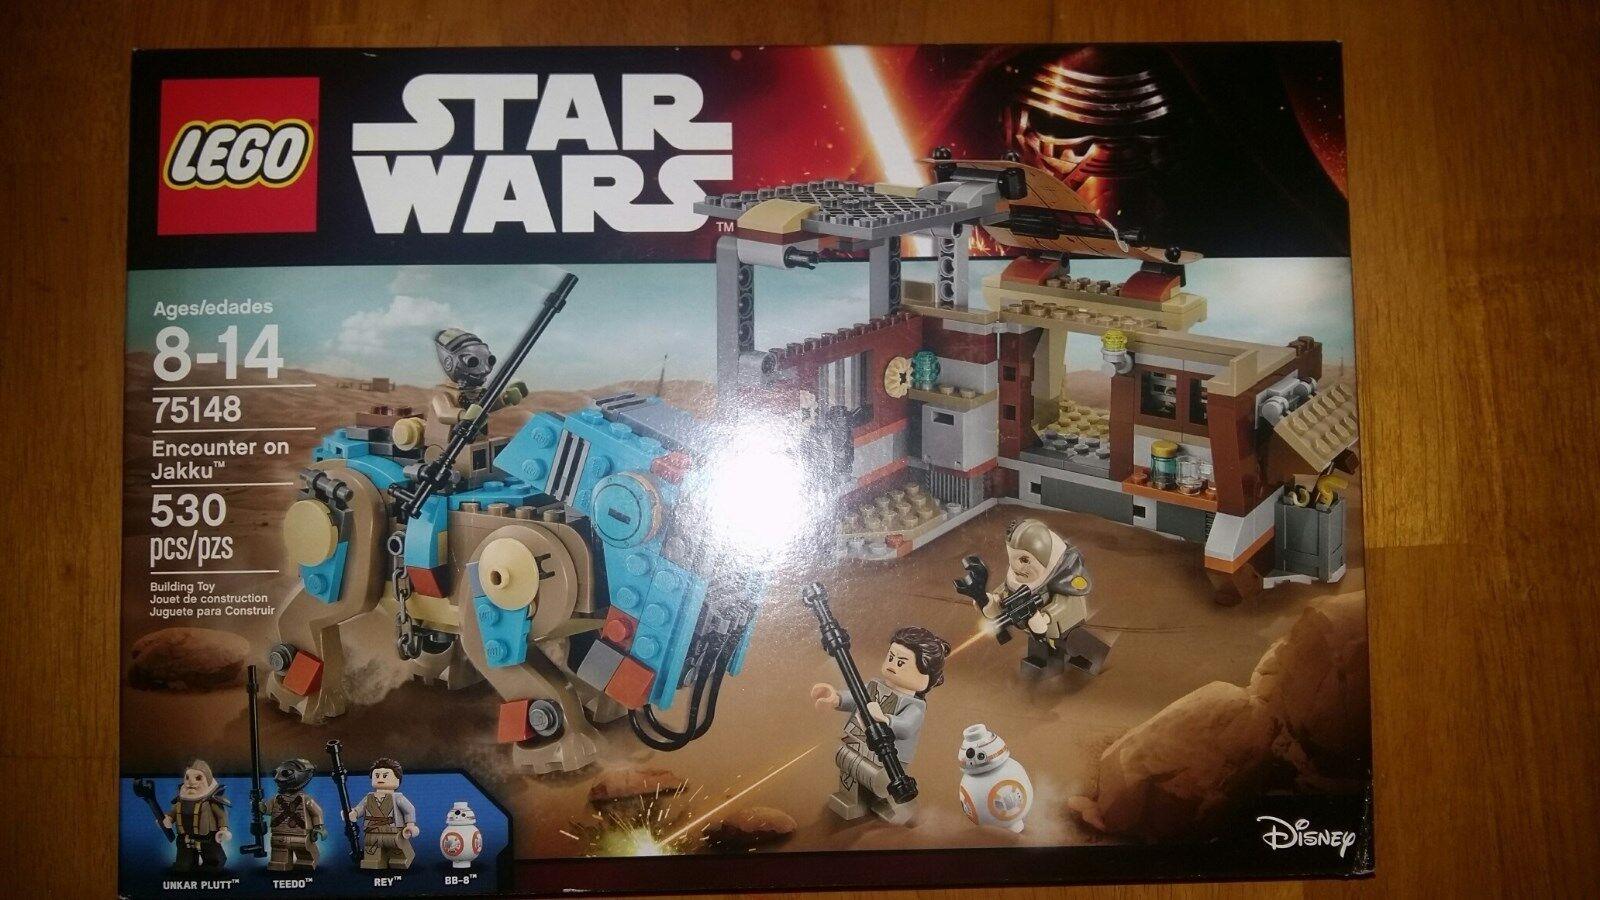 Lego Star Wars 75148 Encounter On Jakku 530 PCS